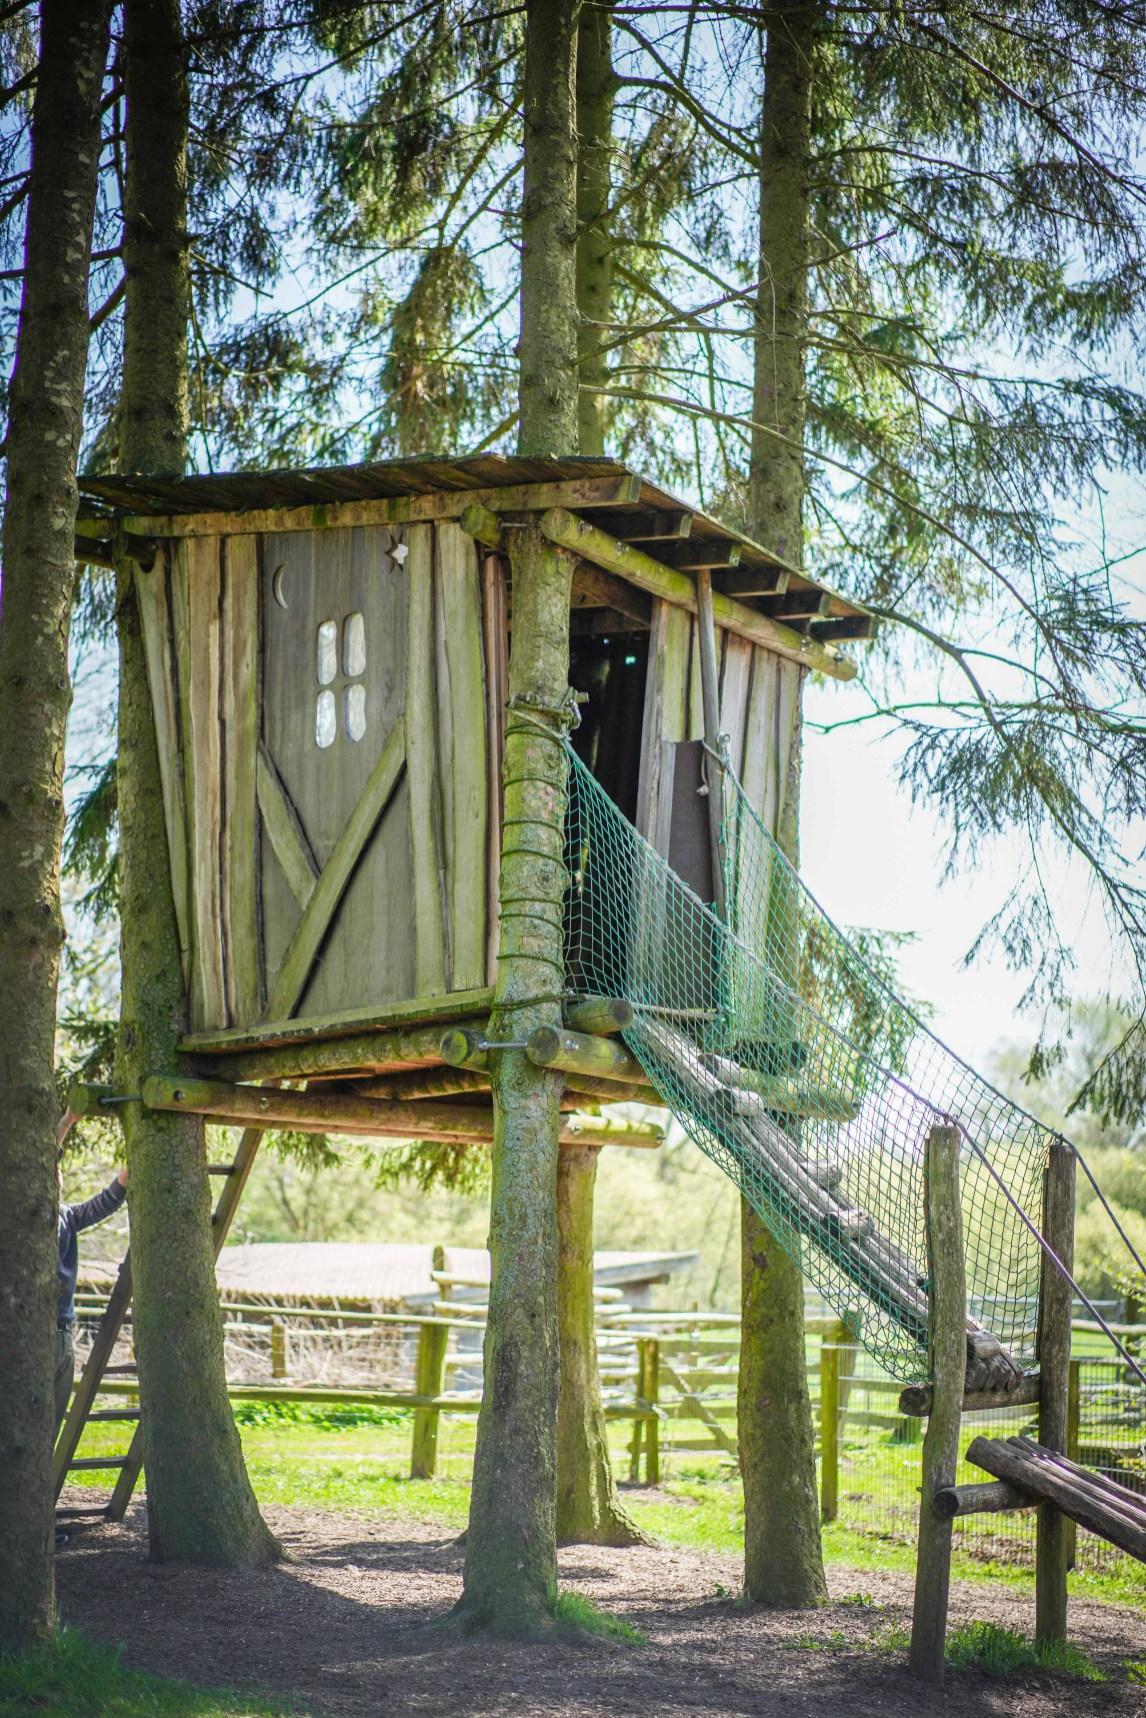 Ein Ausflugsziel in Hamburgs Umgebung ist auf jeden Fall das Gut Wulksfelde in Tangstedt. Ein toller Ausflug um Hamburg und die Umgebung zu erleben. Tiere und Biolebensmittel regional und nett gibt es auf dem Hof Gut Wulksfelde. Ich berichte auf dem Blog über unseren Ausflug | ichsowirso.de